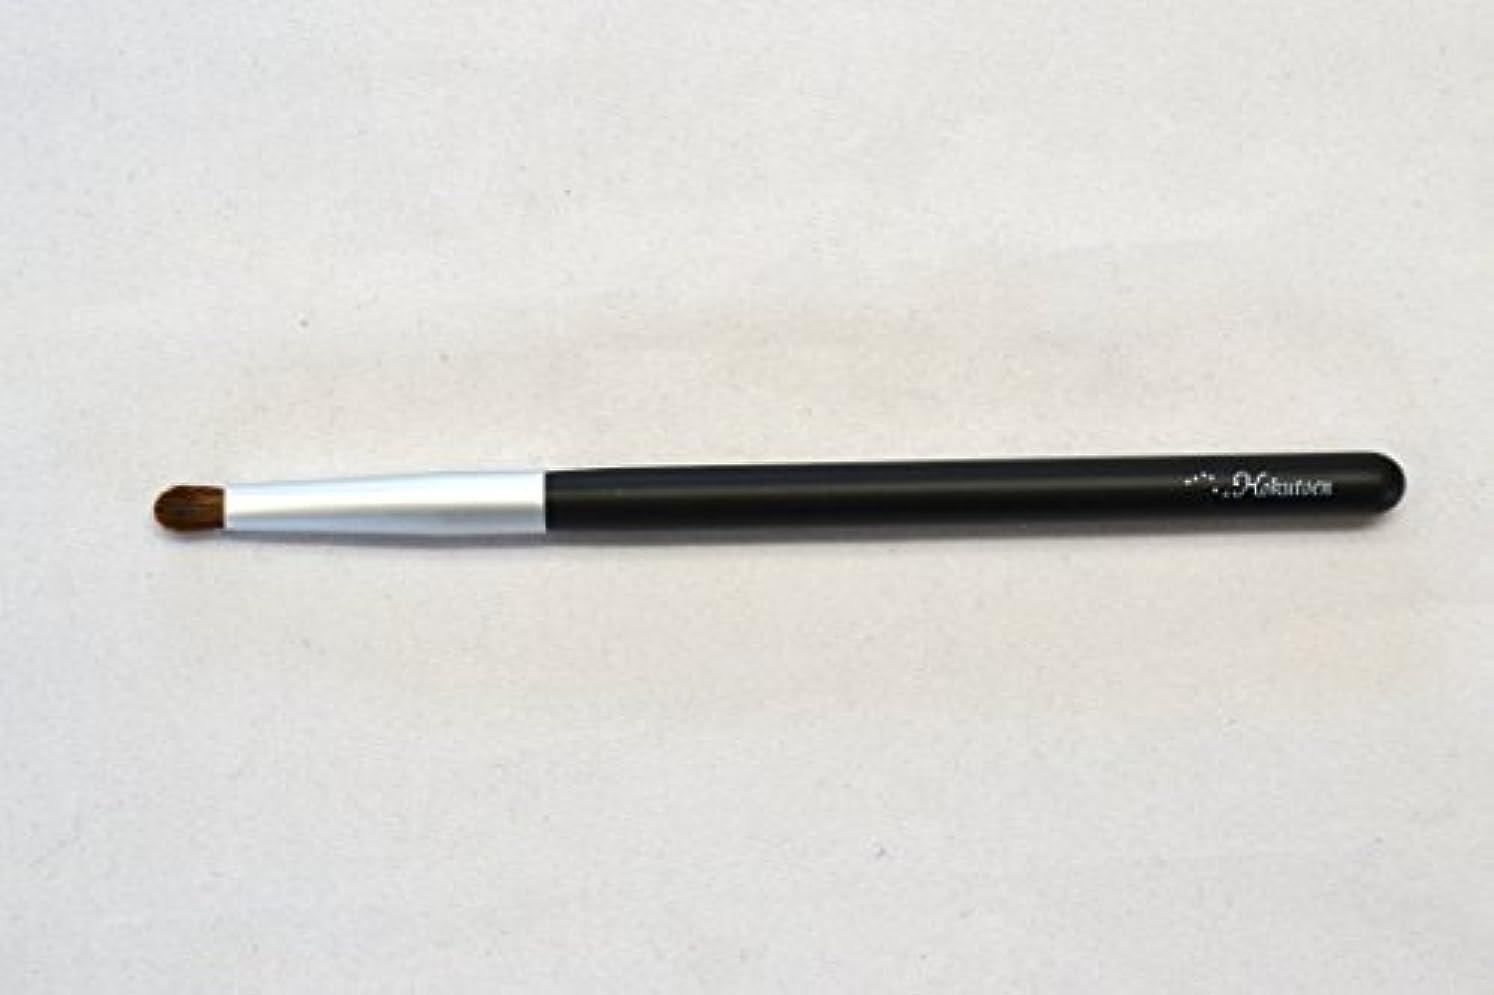 困惑したトロリーバスセイはさておき熊野筆 北斗園 Kシリーズ シャドウライナーブラシ(黒銀)